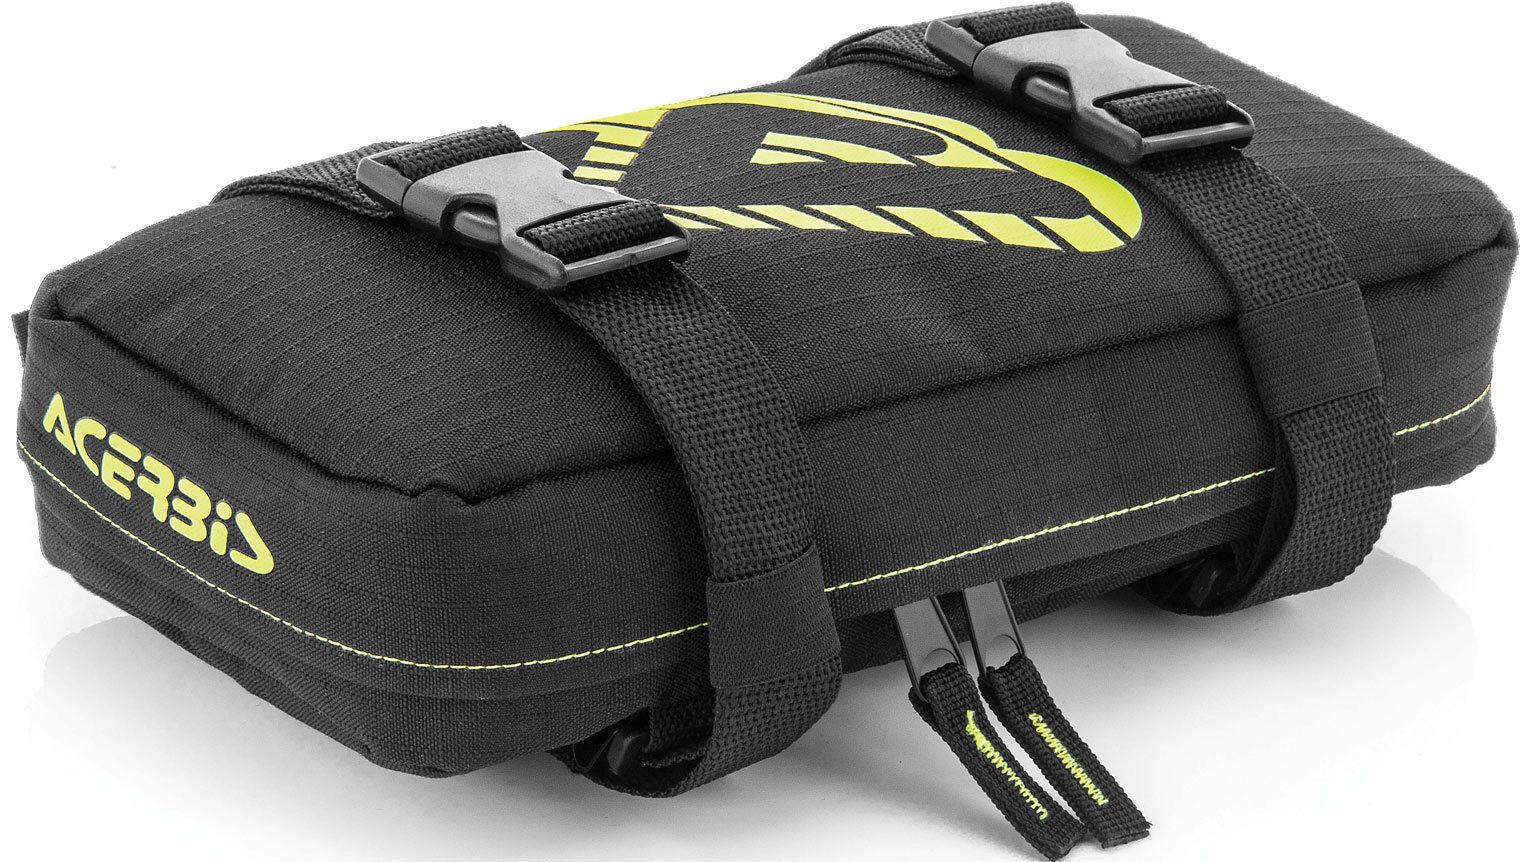 Acerbis Tools Bag Black Yellow 0-5l